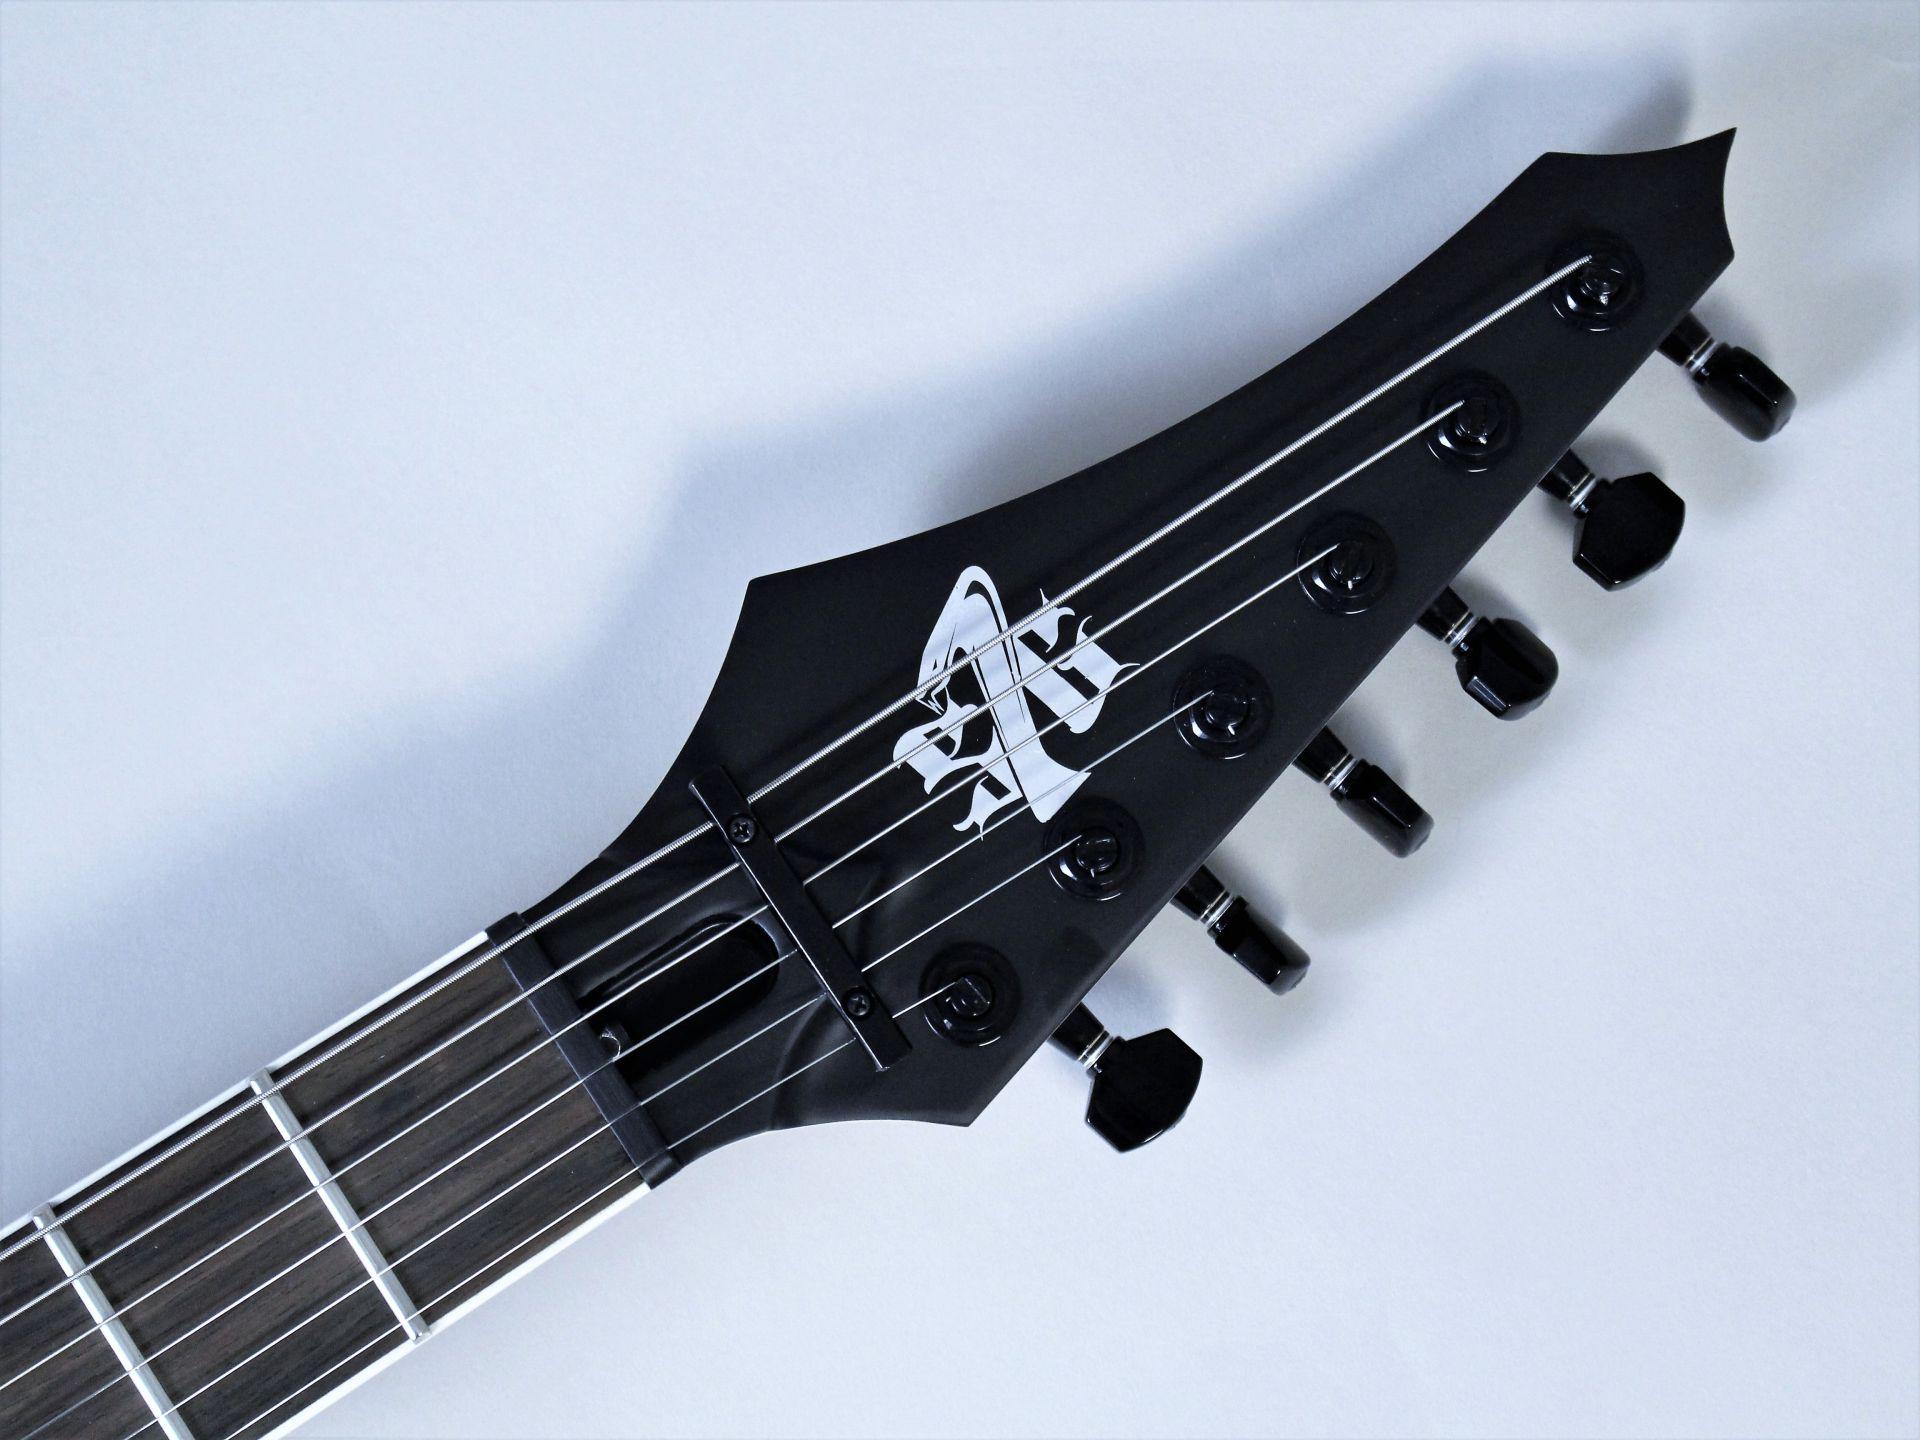 Strictly 7 Guitars – Cobra JS6 QM BBG【6本限定モデル】【4月28日発売・予約受付中】のヘッド画像